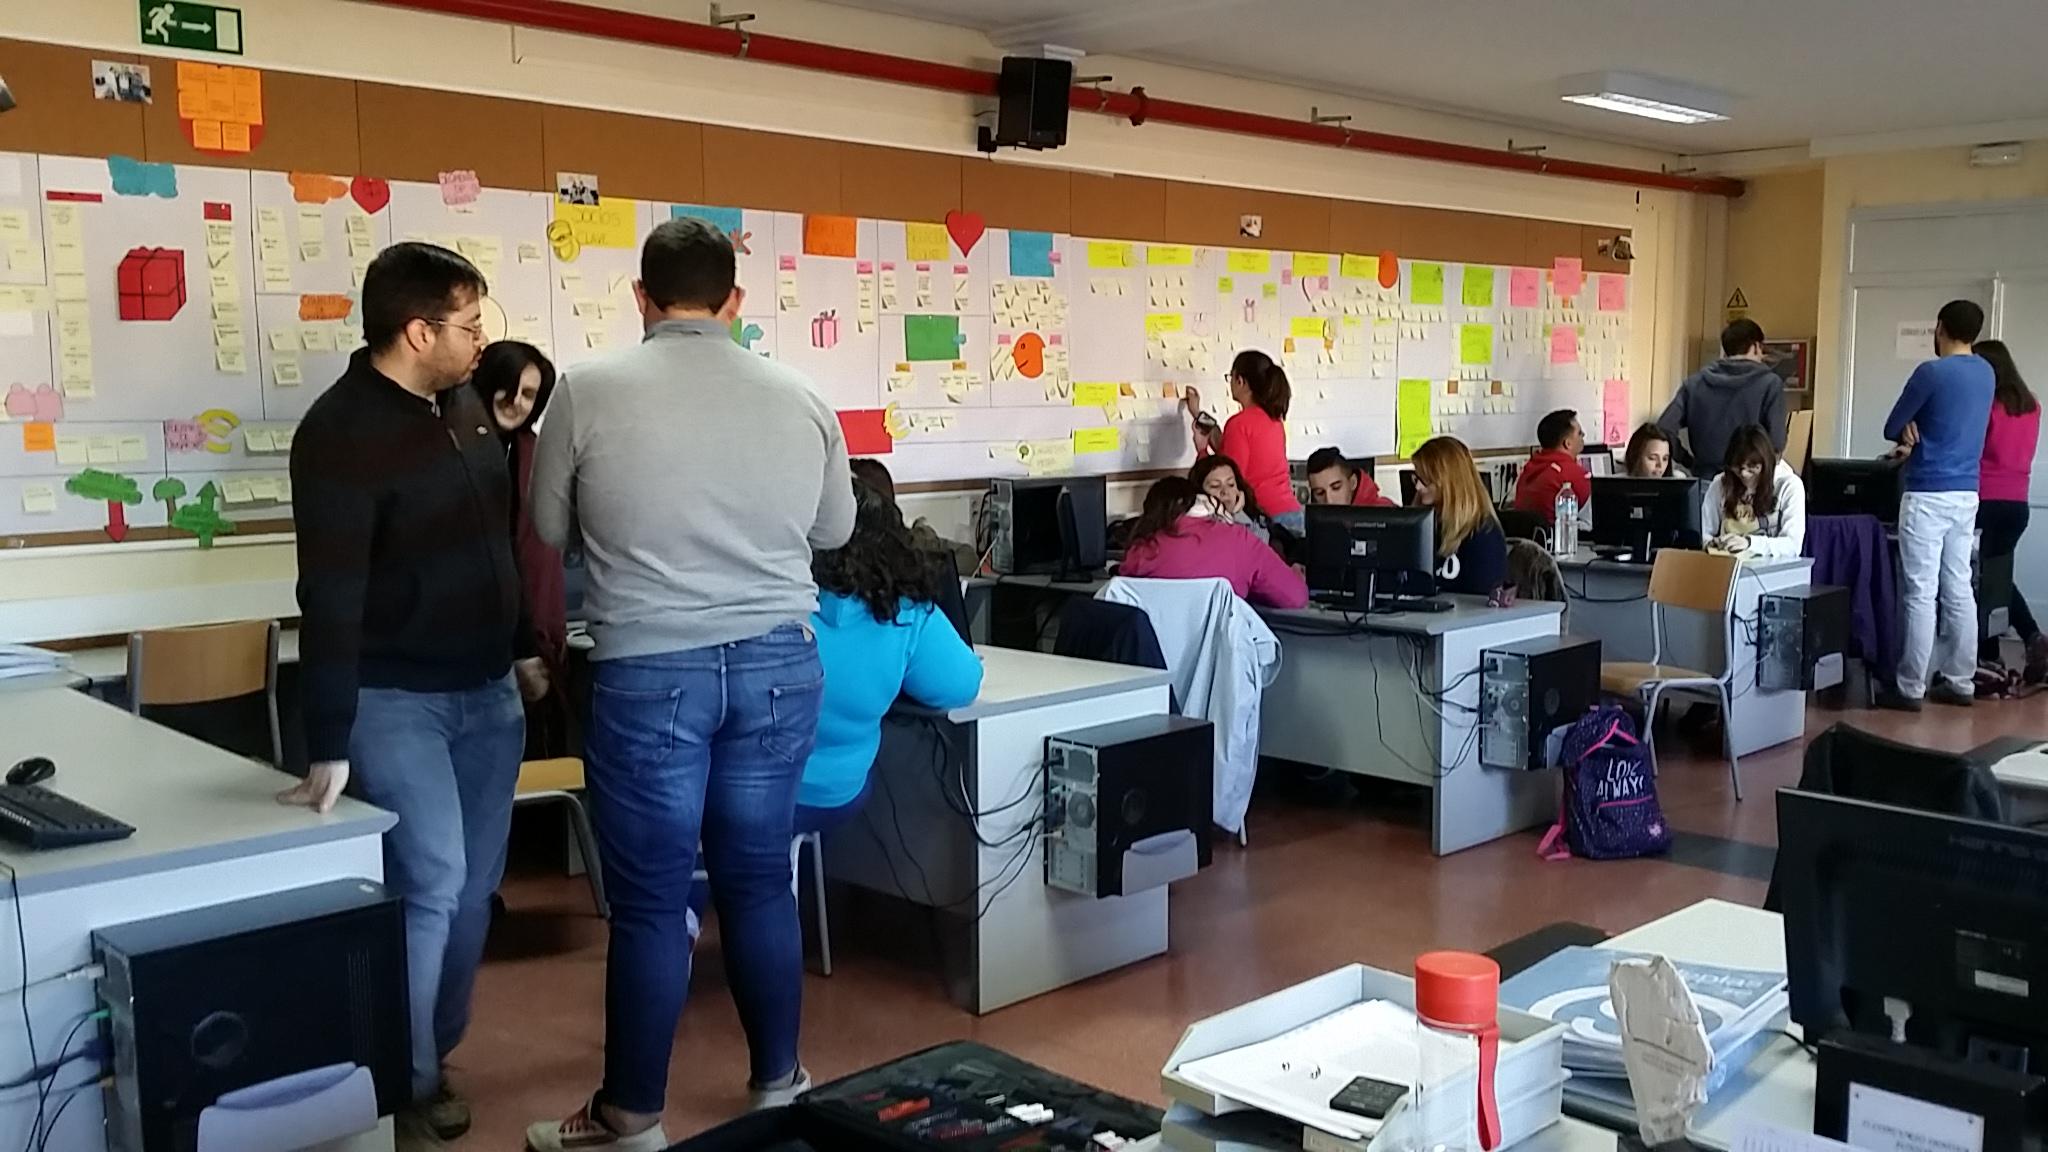 La Formación Profesional como respuesta al paro juvenil. Reflexiones de un docente.